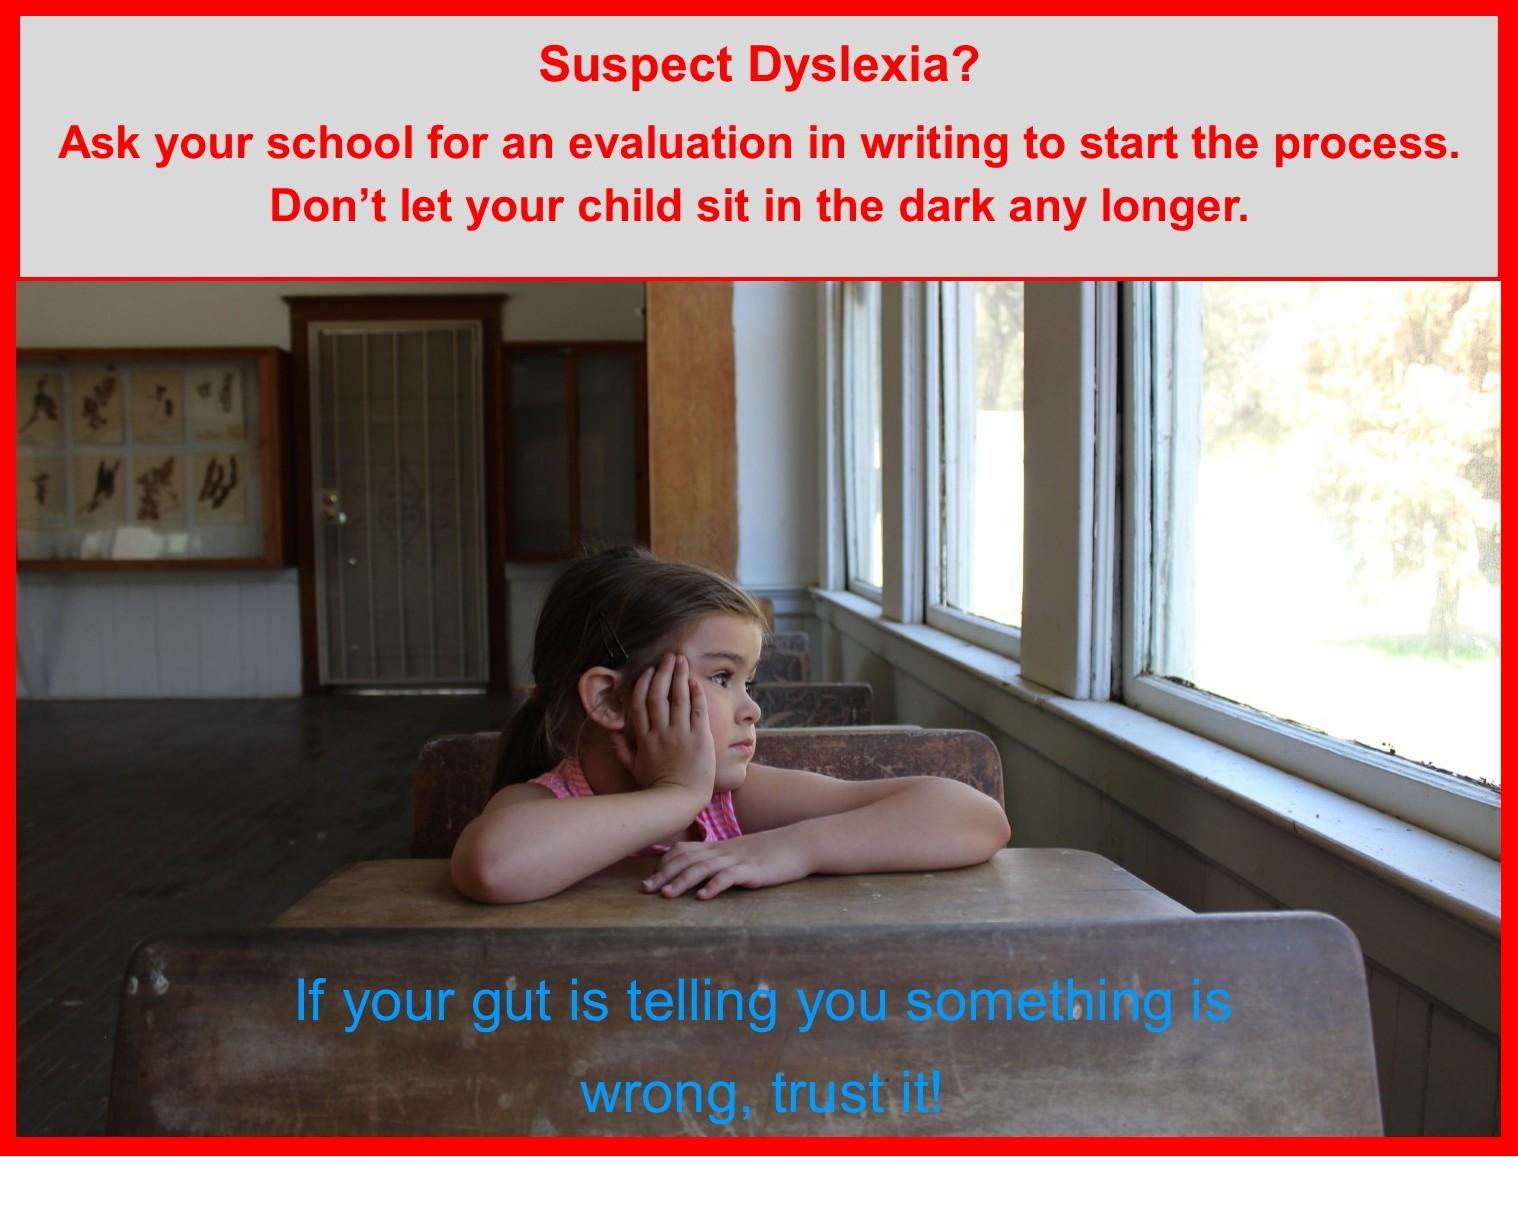 Suspect Dyslexia?